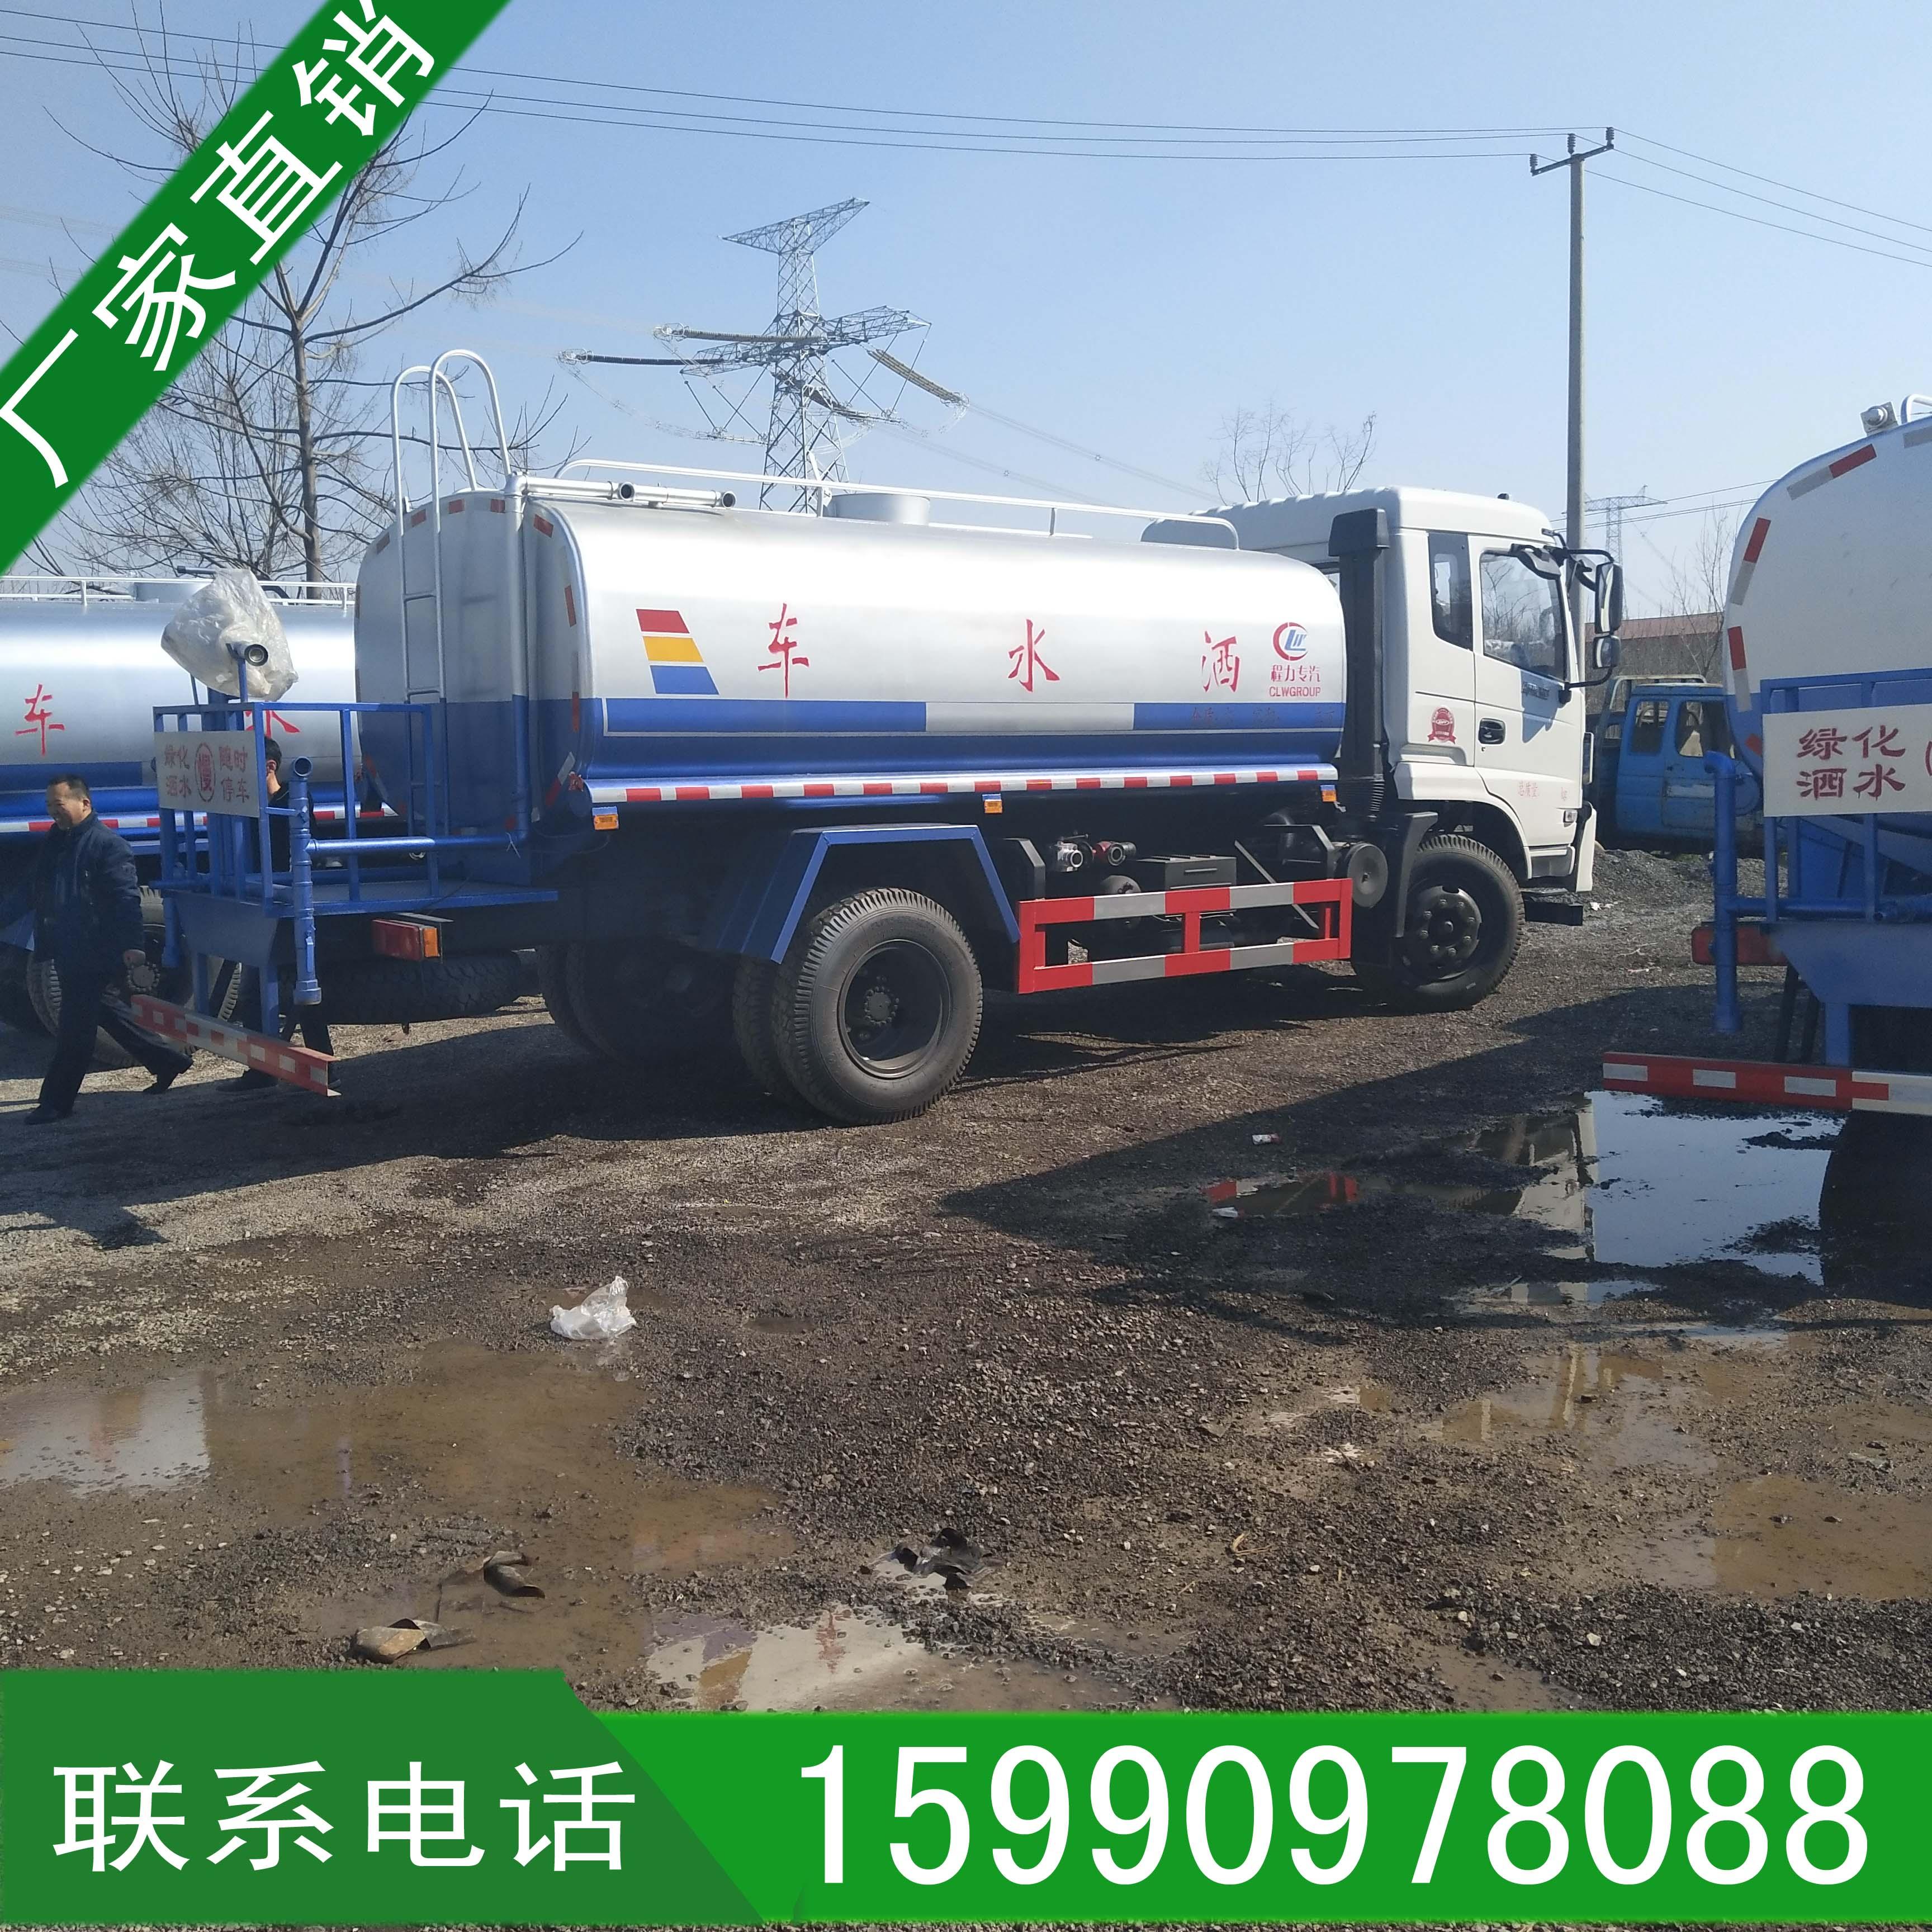 园林绿化喷洒车@工程运水车@河南小型三轮洒水车厂家